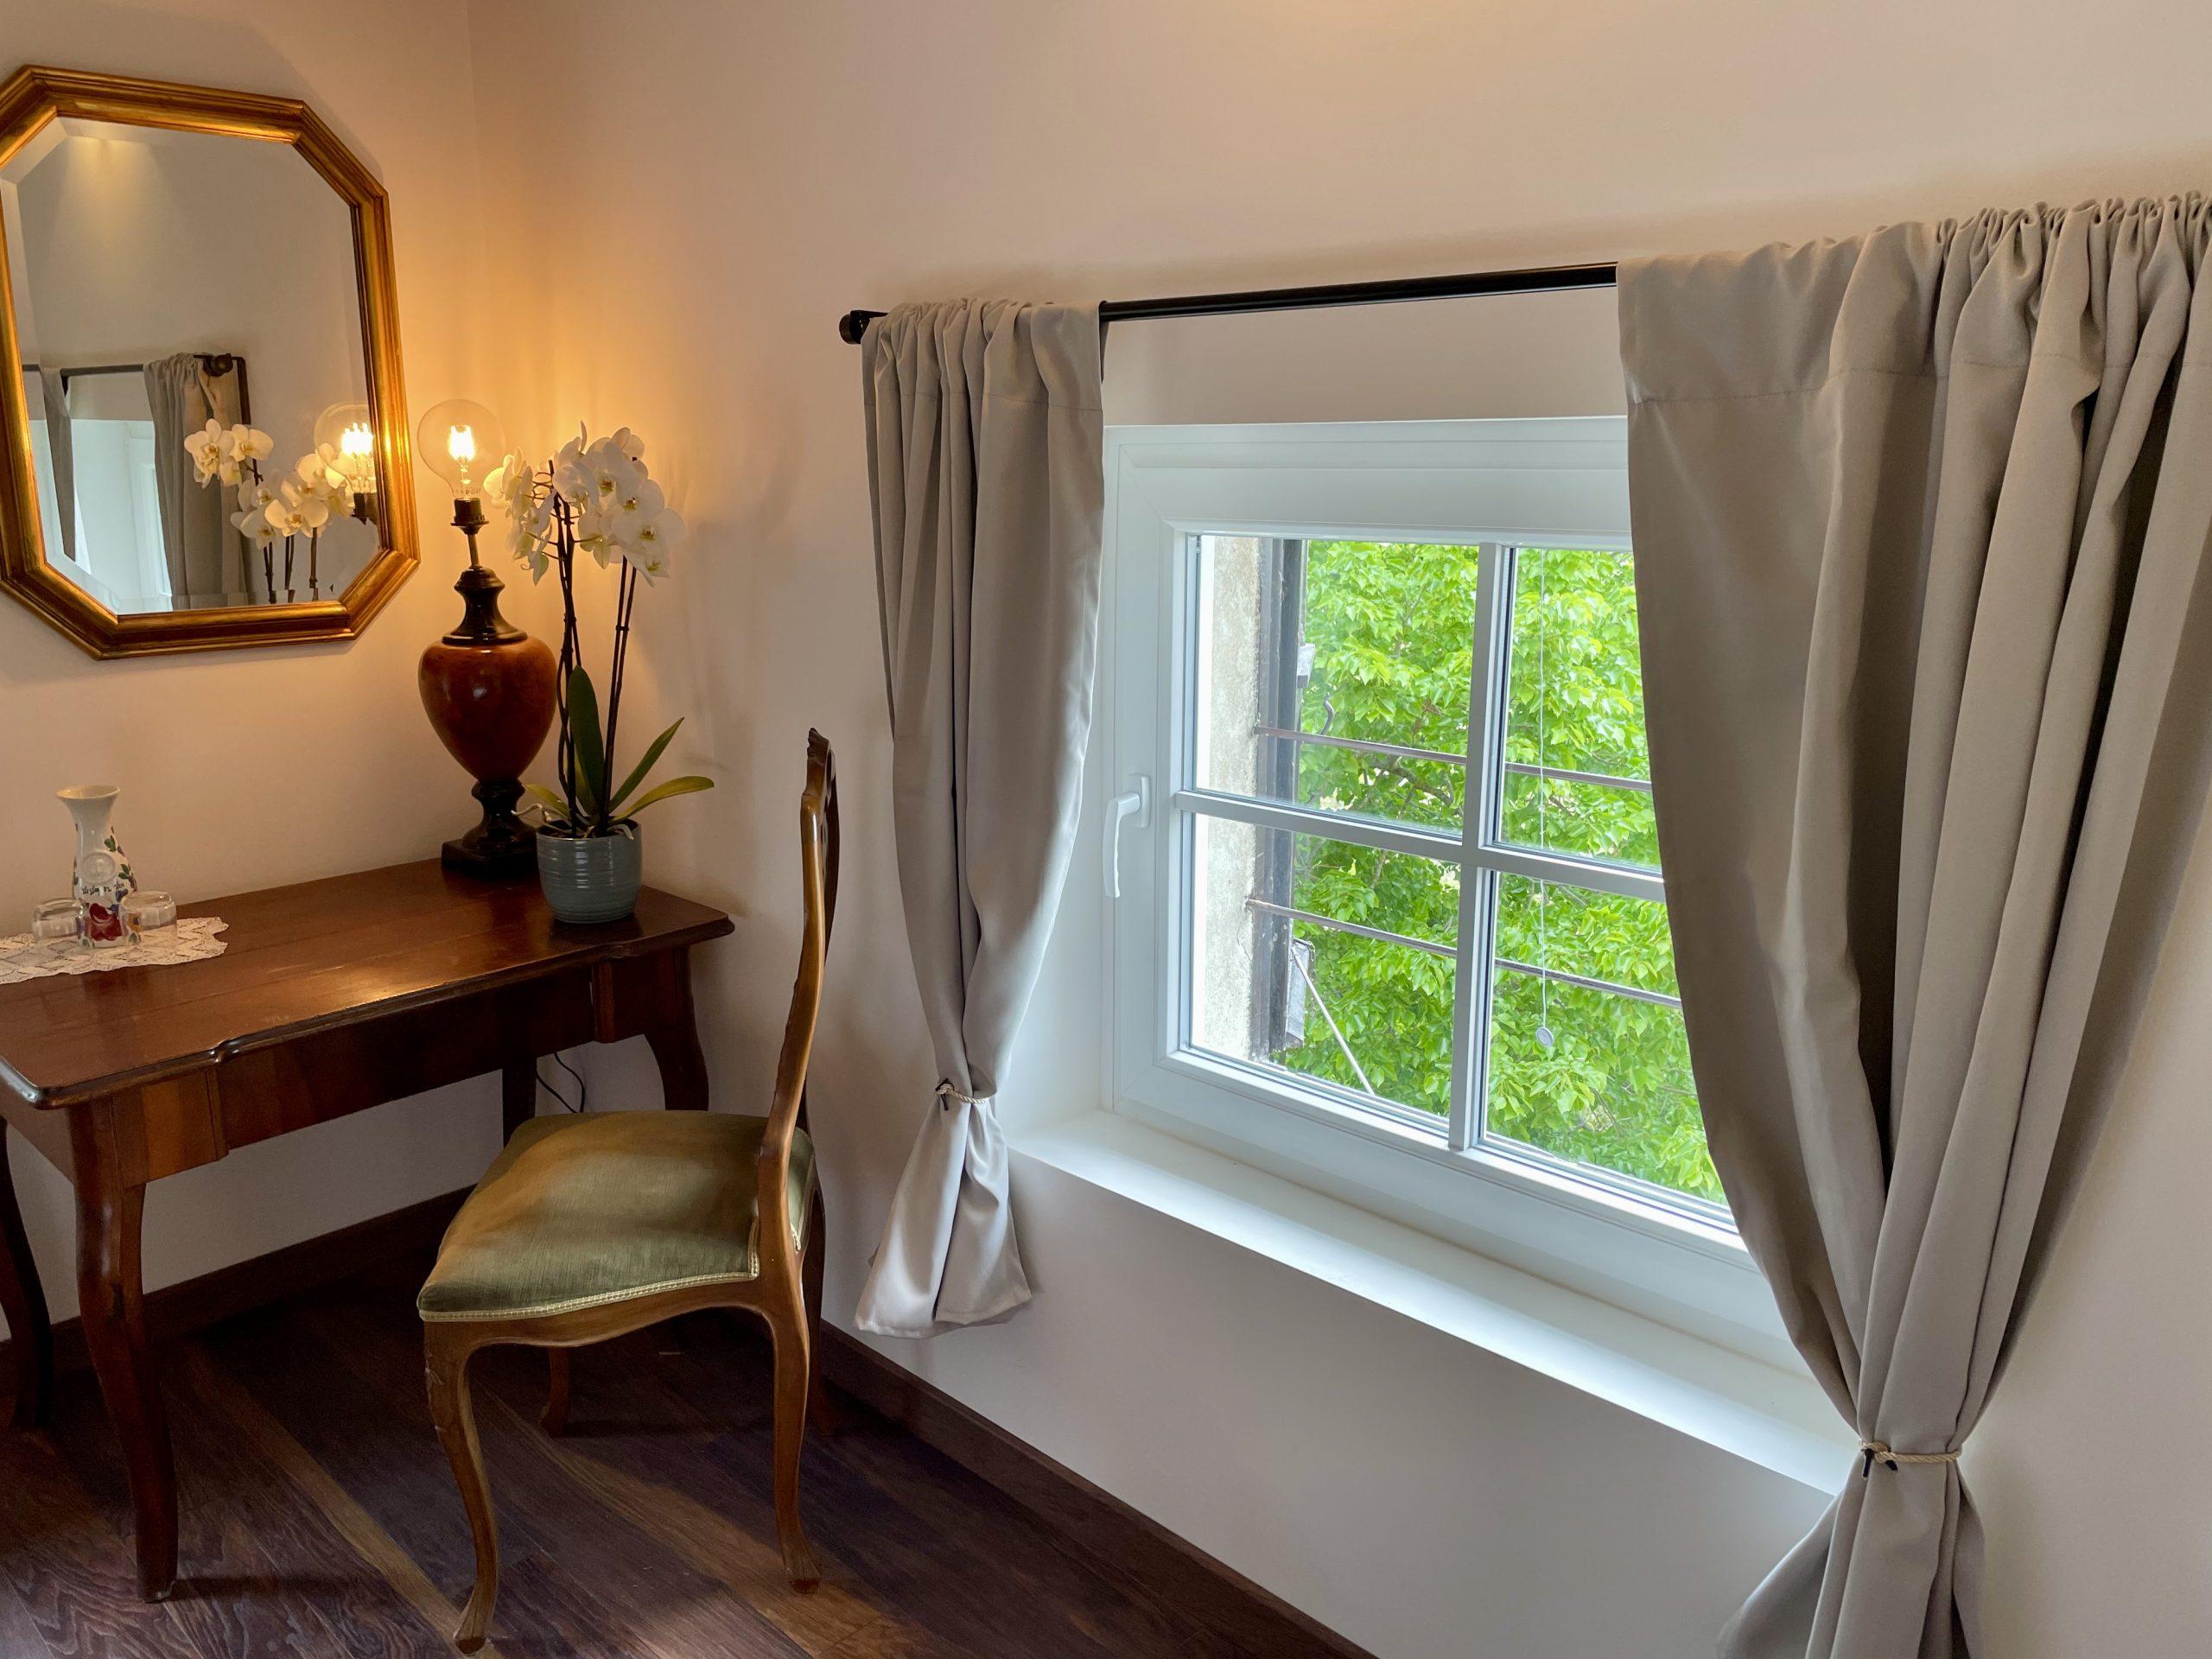 Tisch und Spiegel sowie aus Blick ins grüne im Zimmer Isola di Barbana